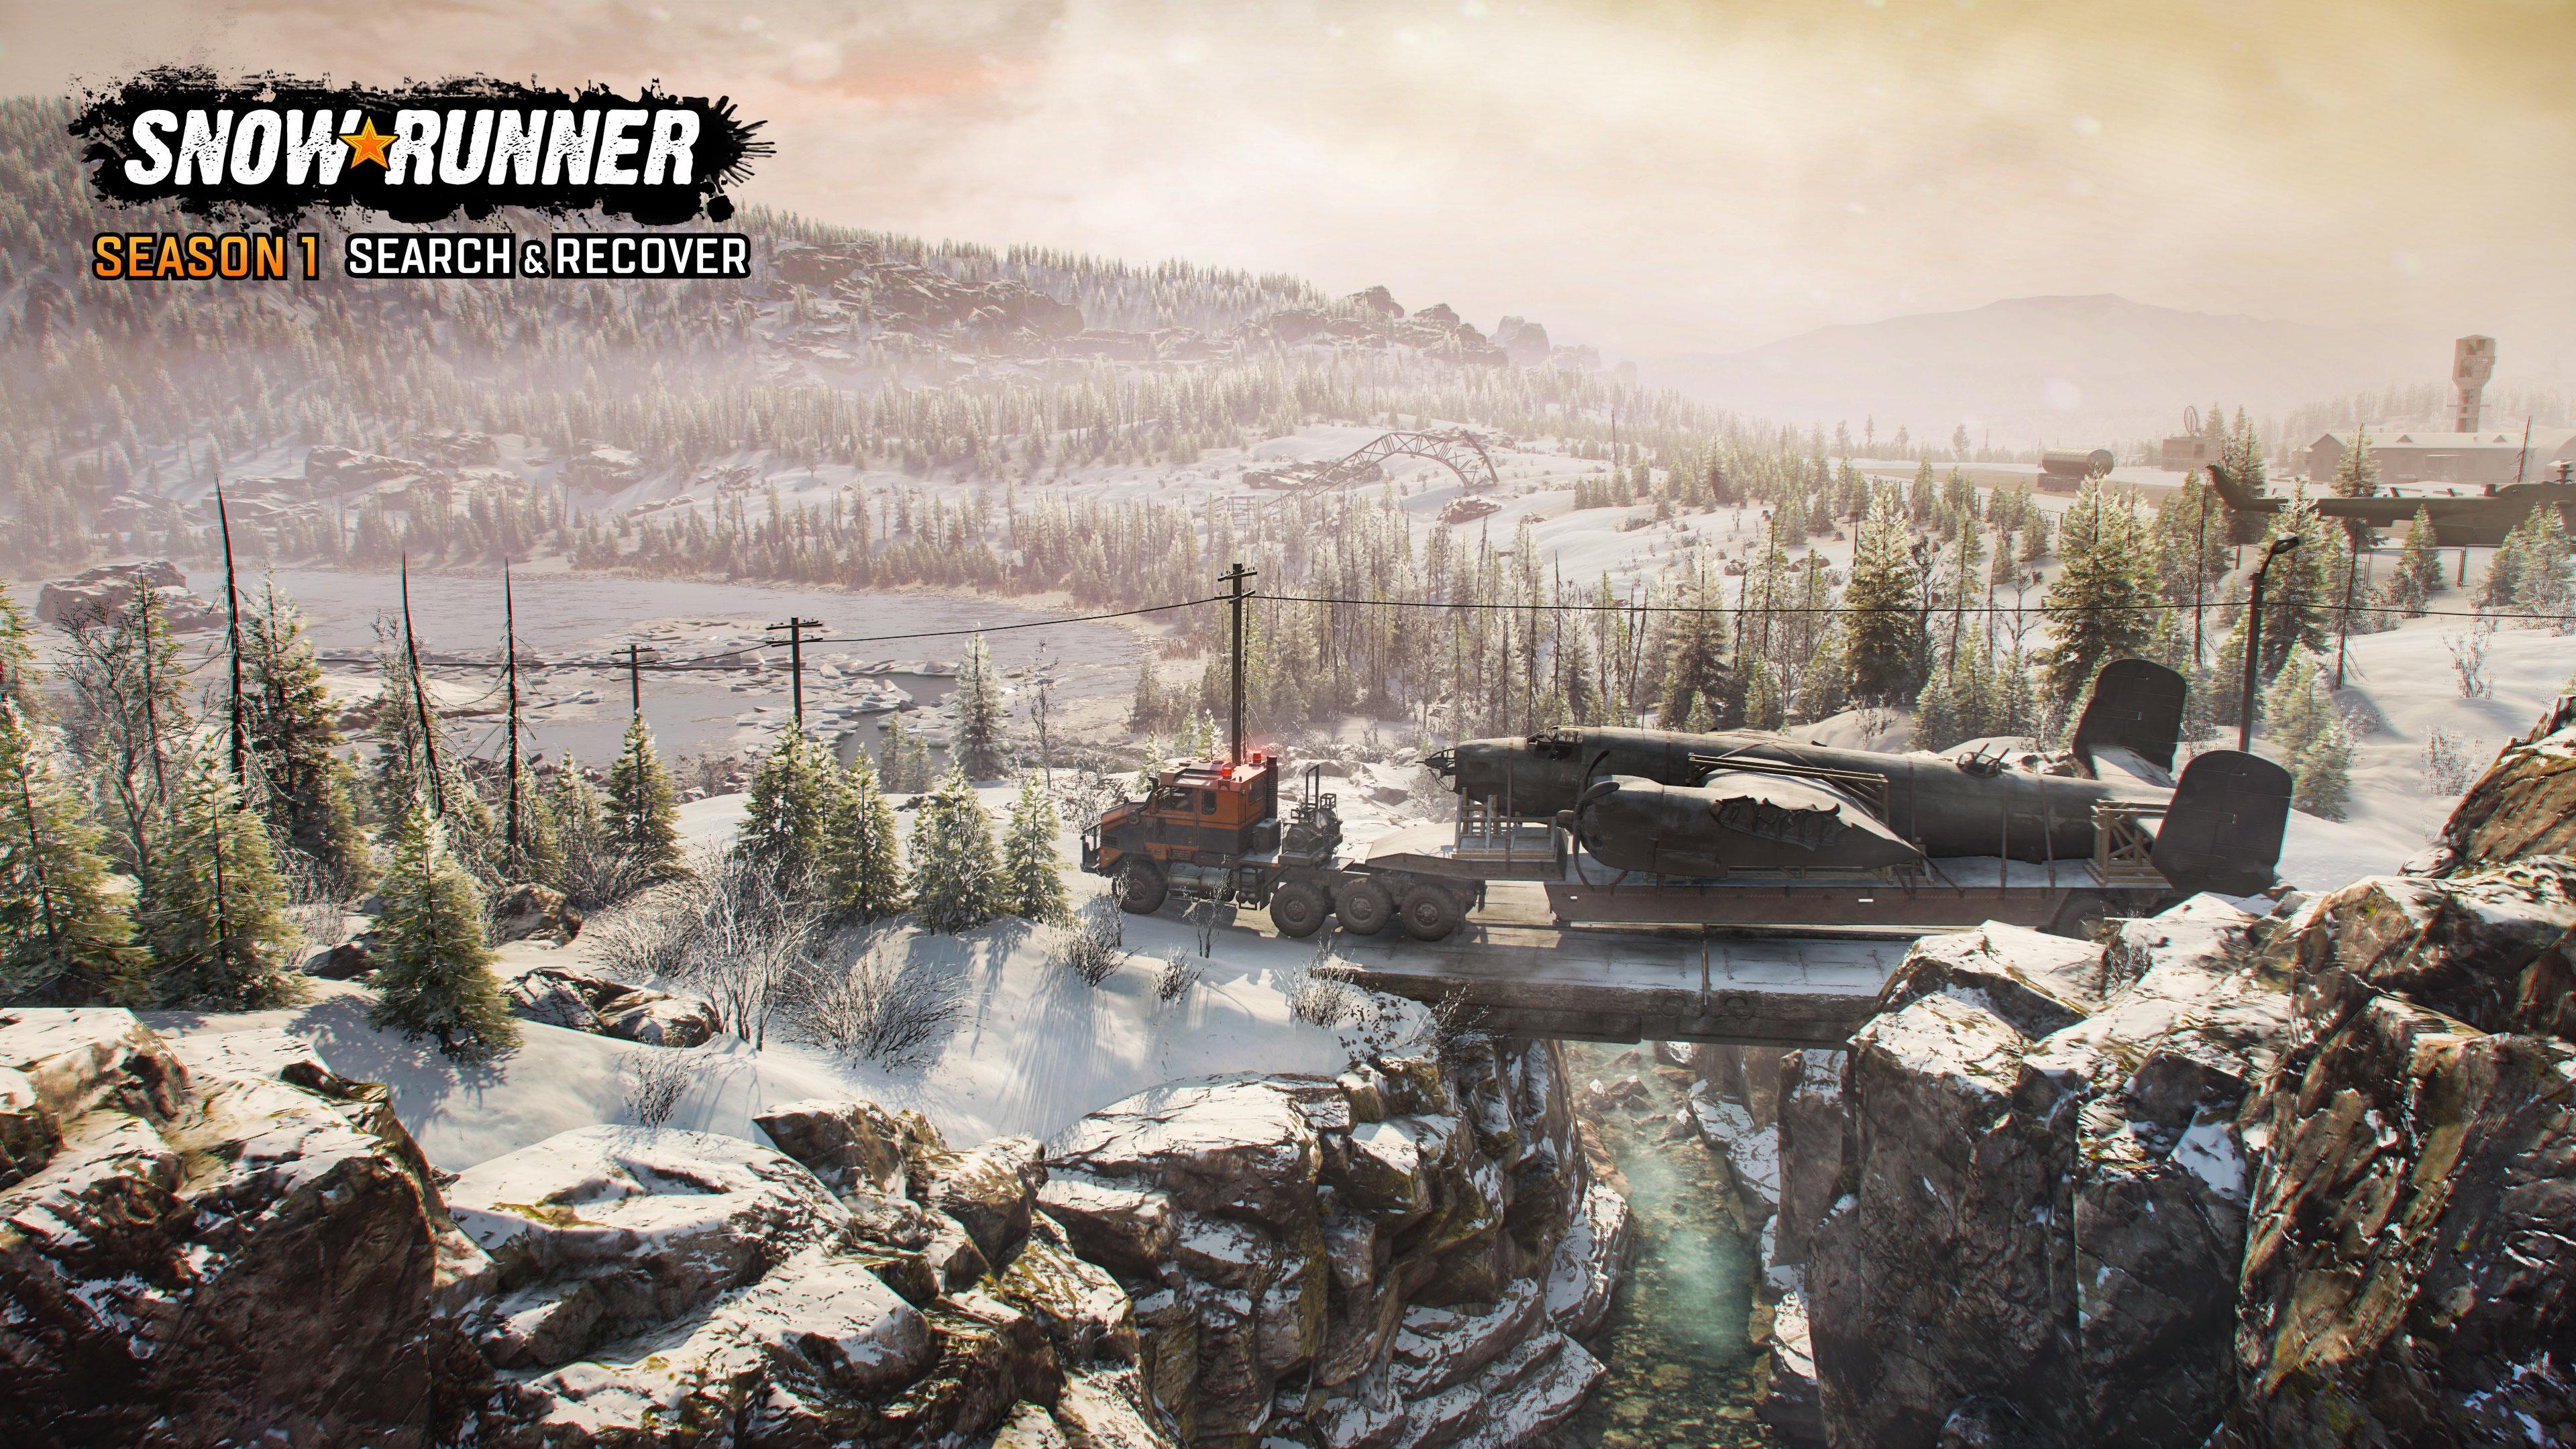 SnowRunner - Year 1 Pass | WW (737b595e-98dc-4e12-9902-2cd37f9ca7a8)